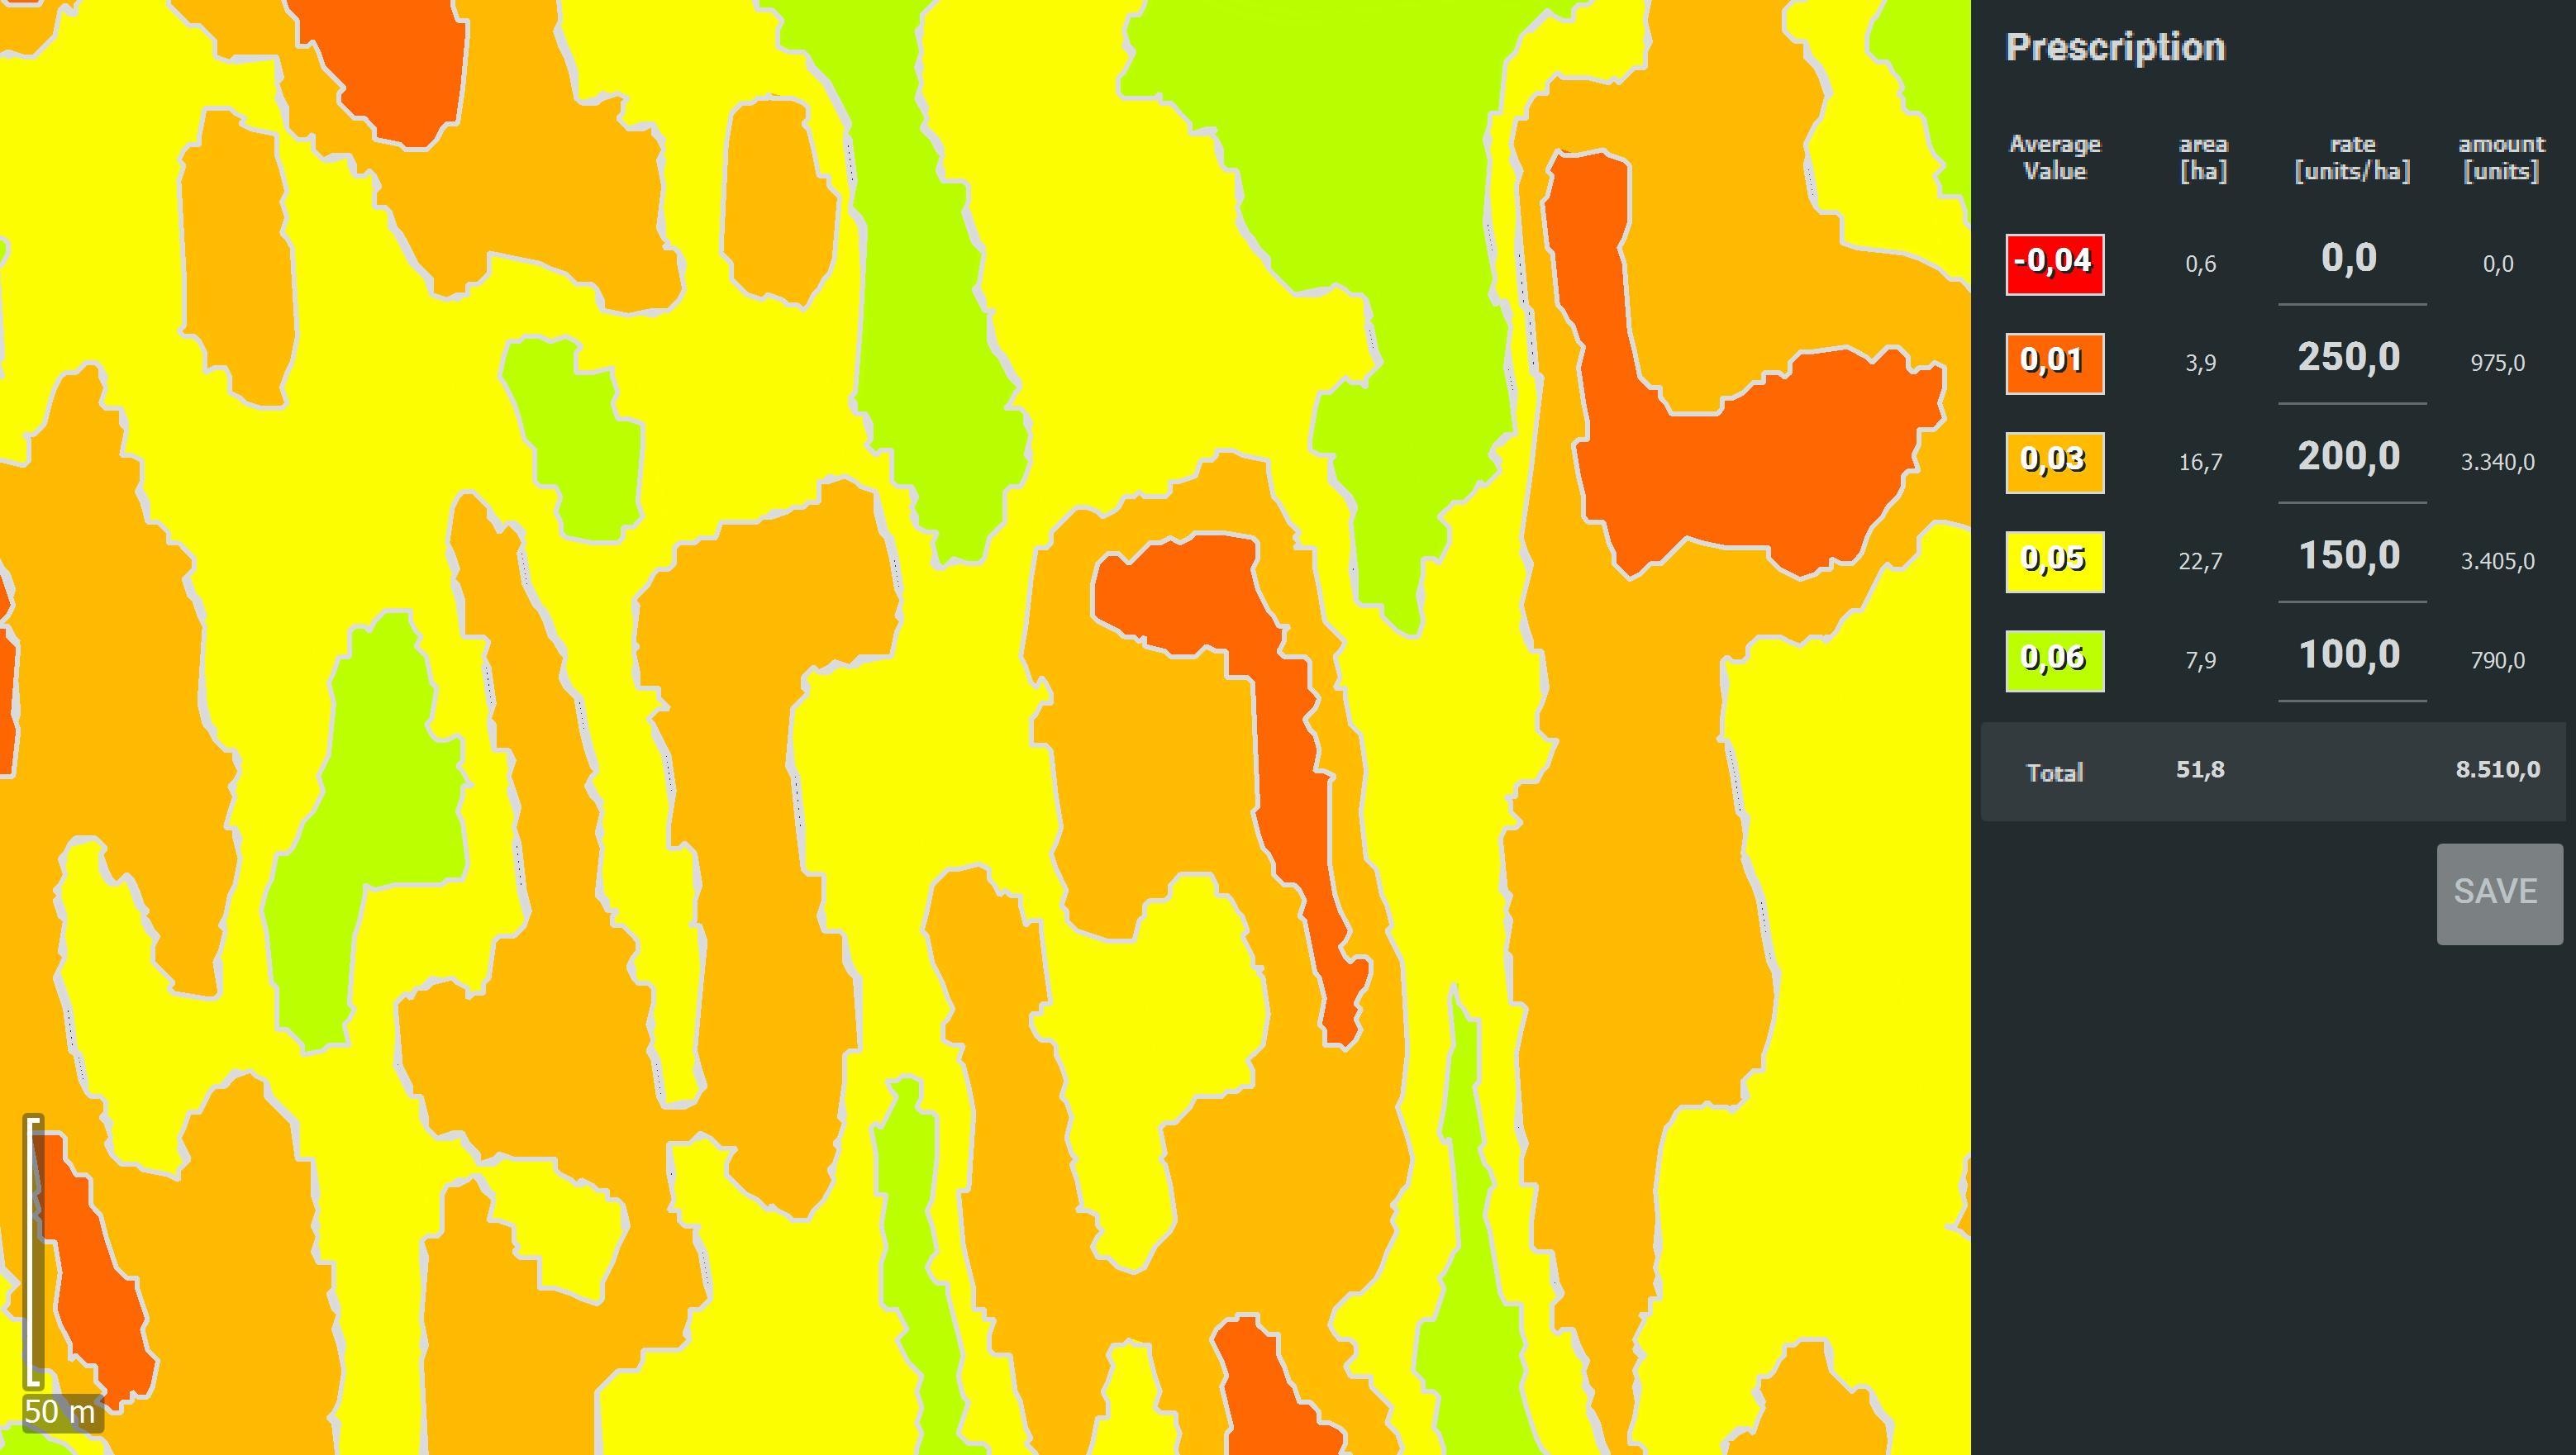 IMAGE OUTPUTS PIX4DFIELDS perscription map